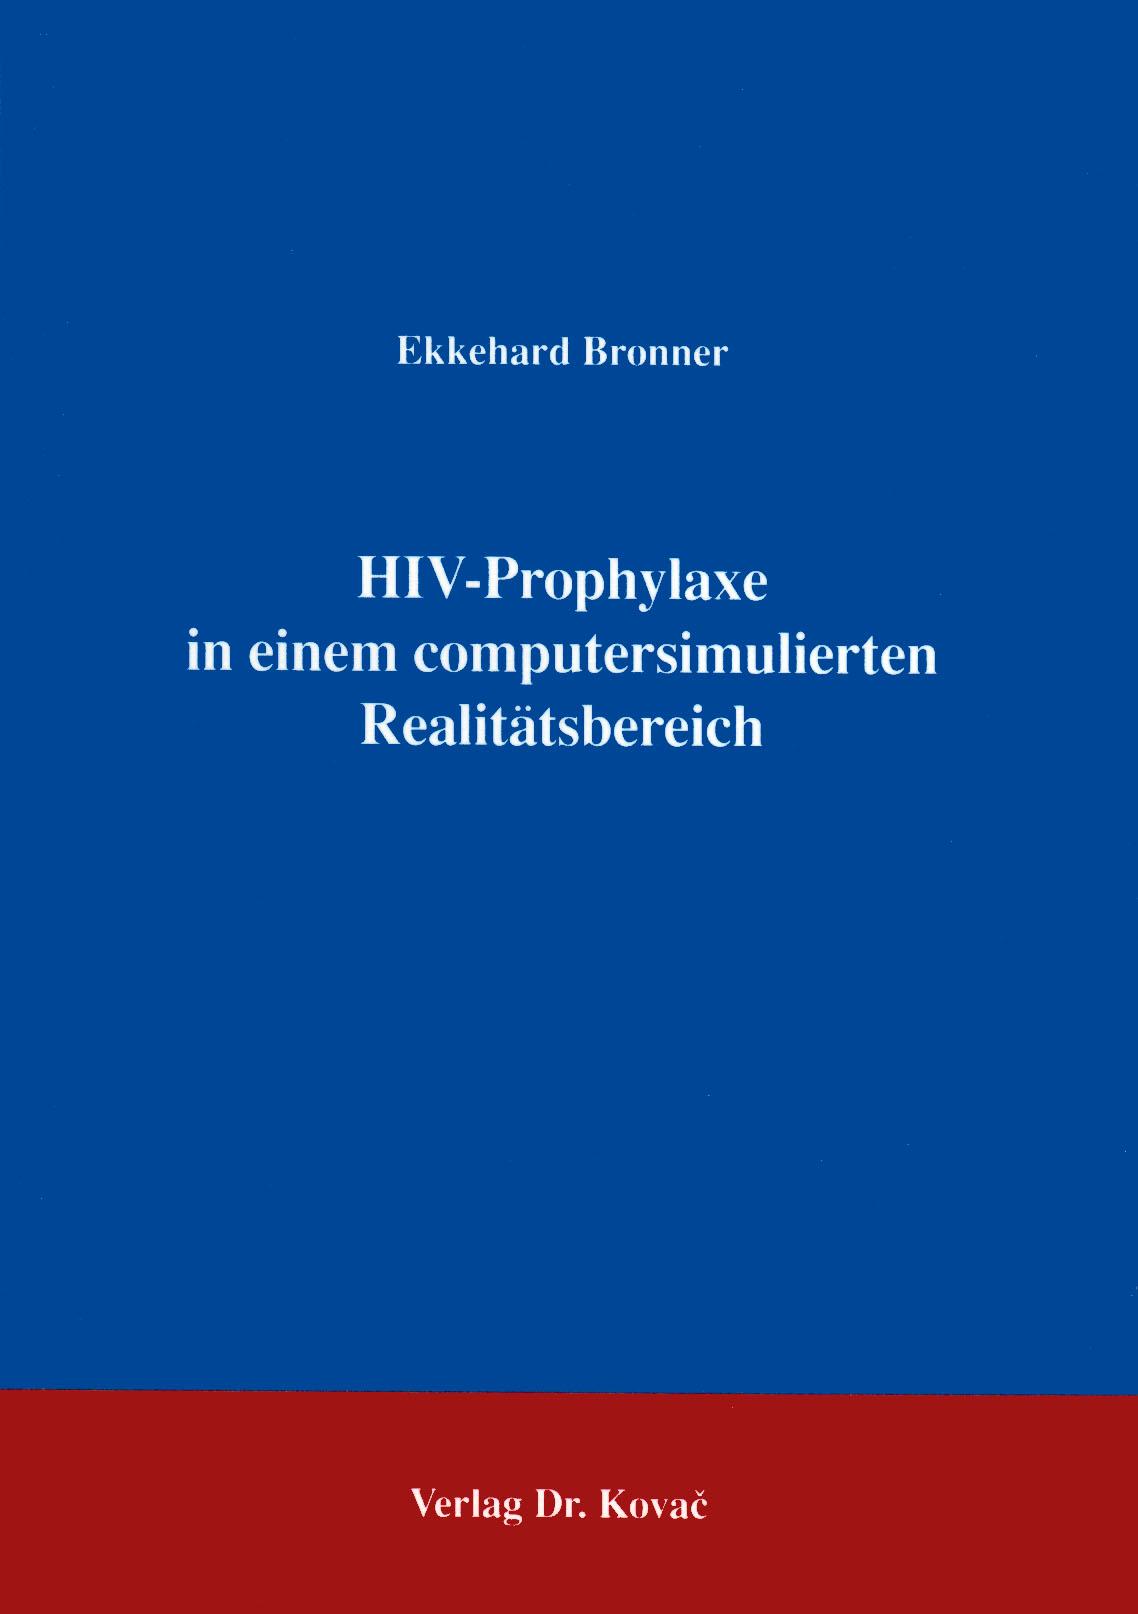 Cover: HIV-Prophylaxe in einem computersimulierten Realitätsbereich